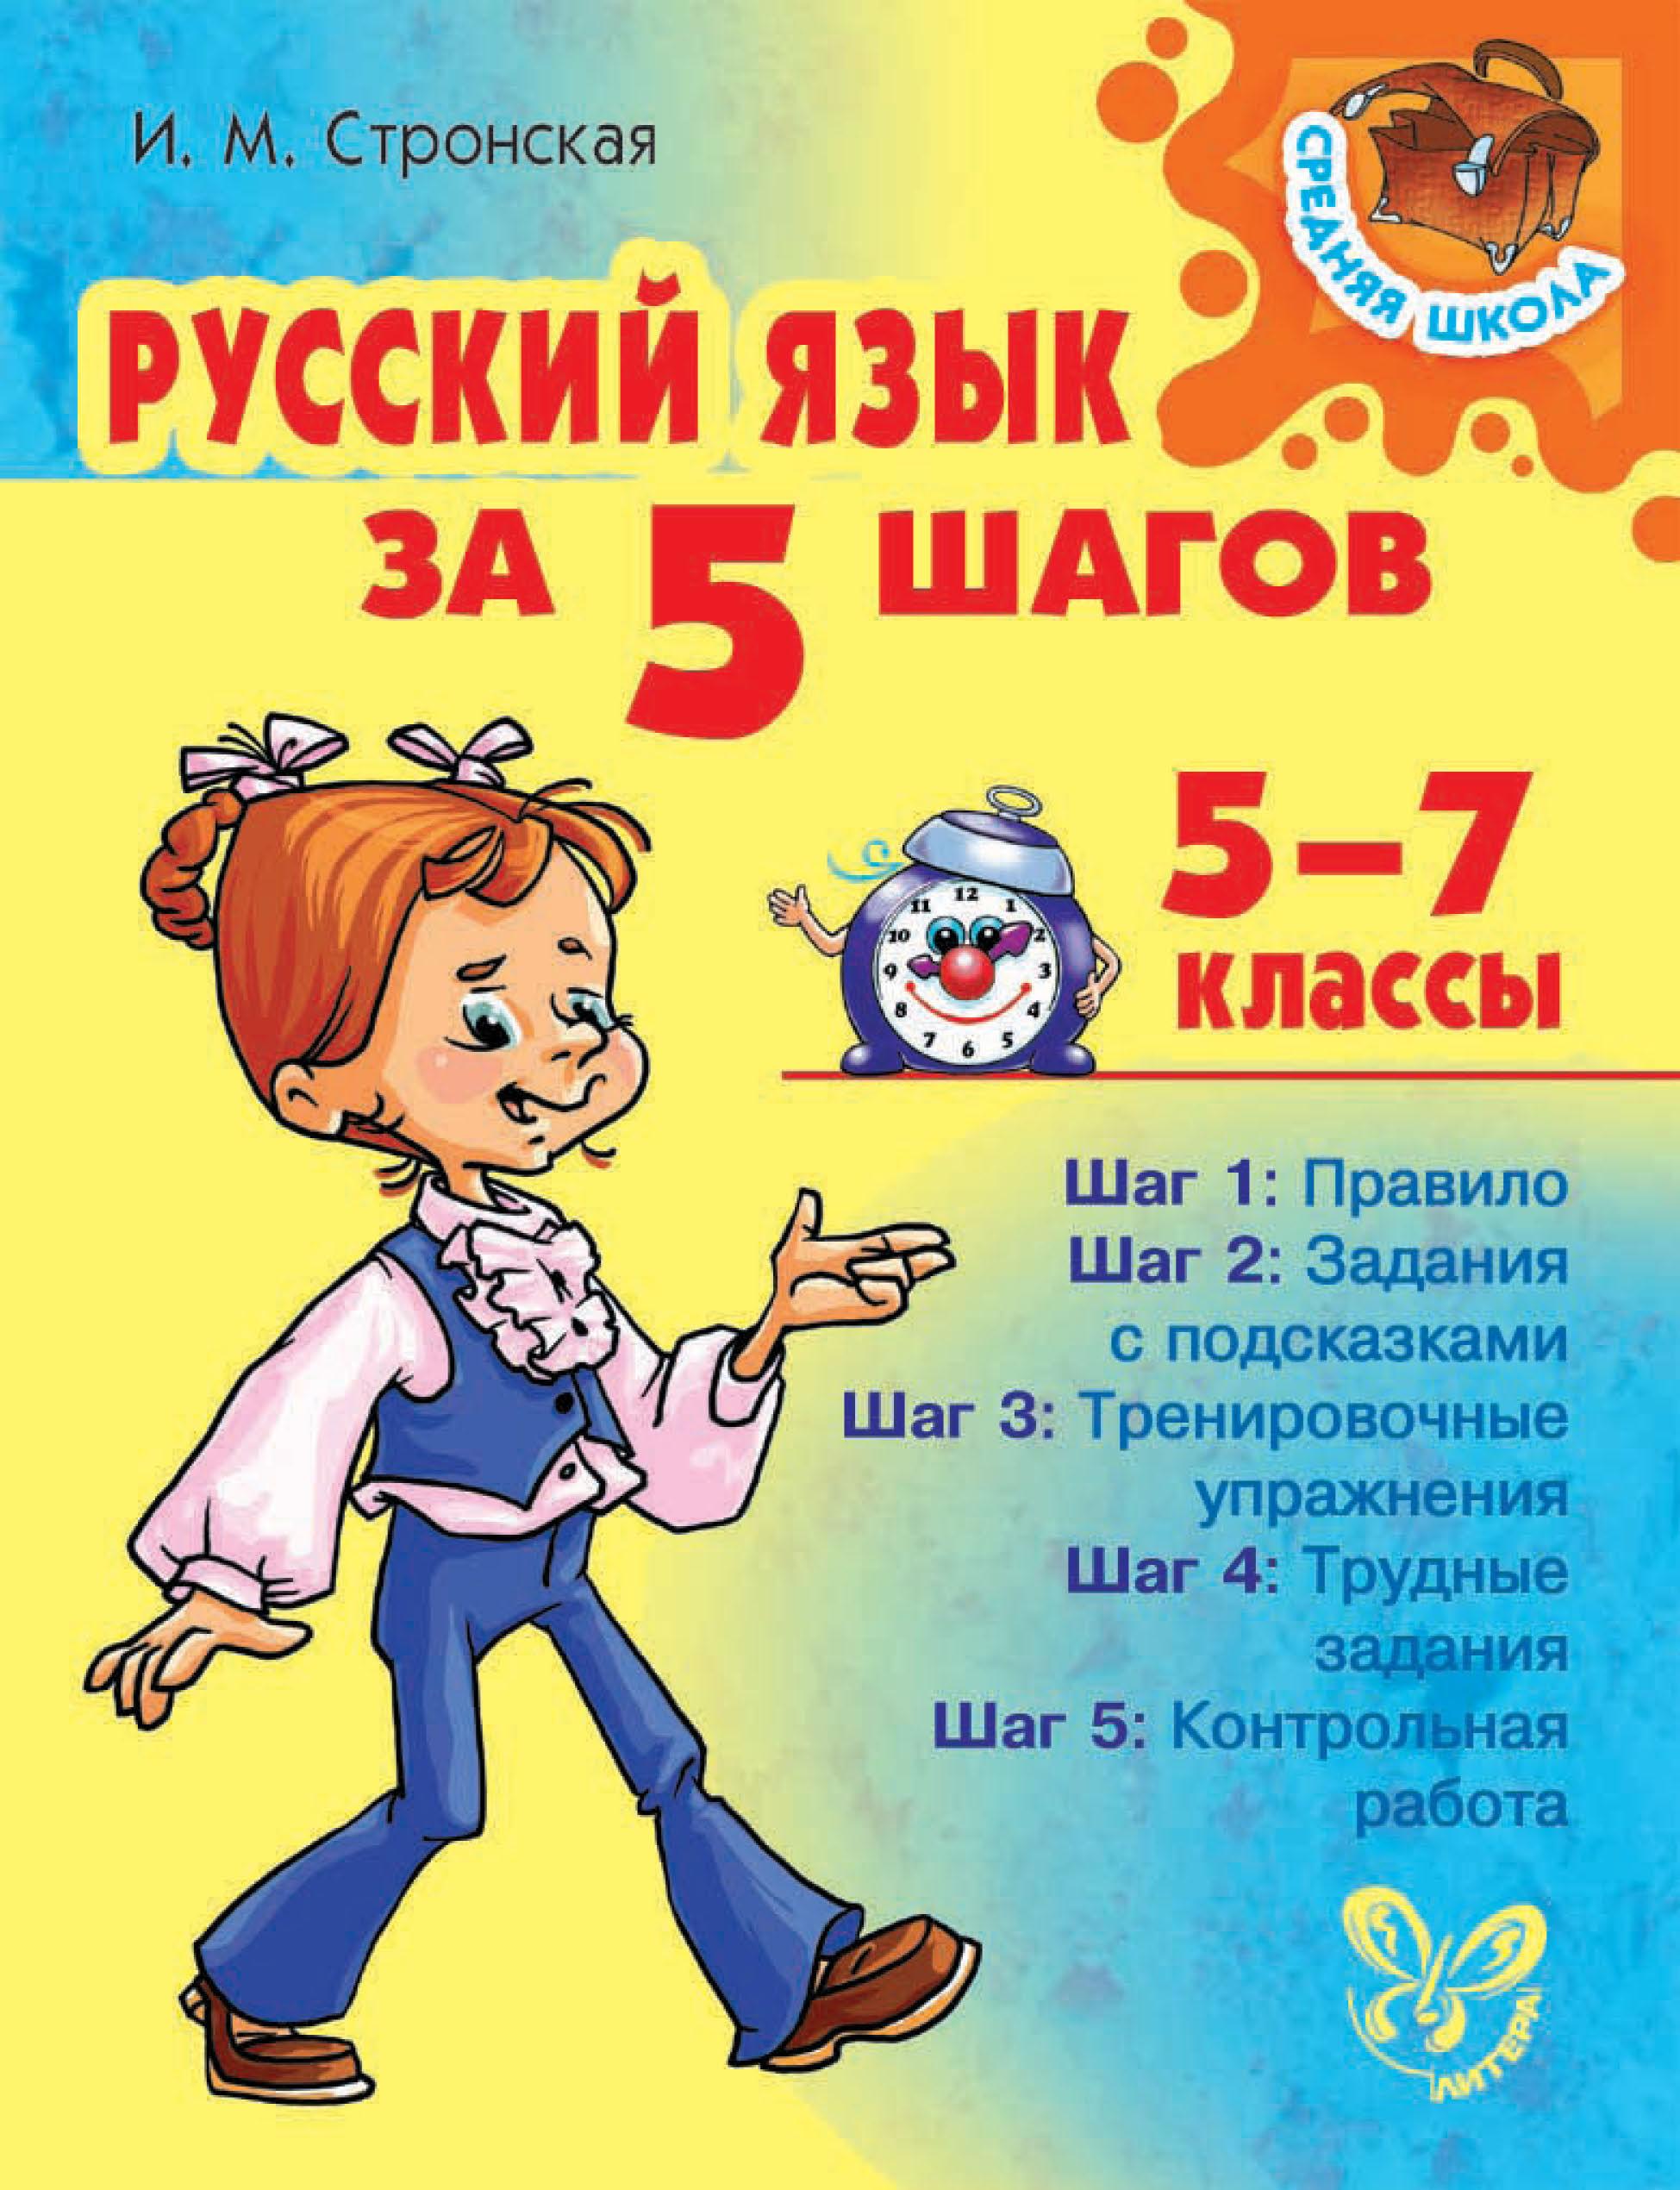 И. М. Стронская. Русский язык за 5 шагов 5-7 классы